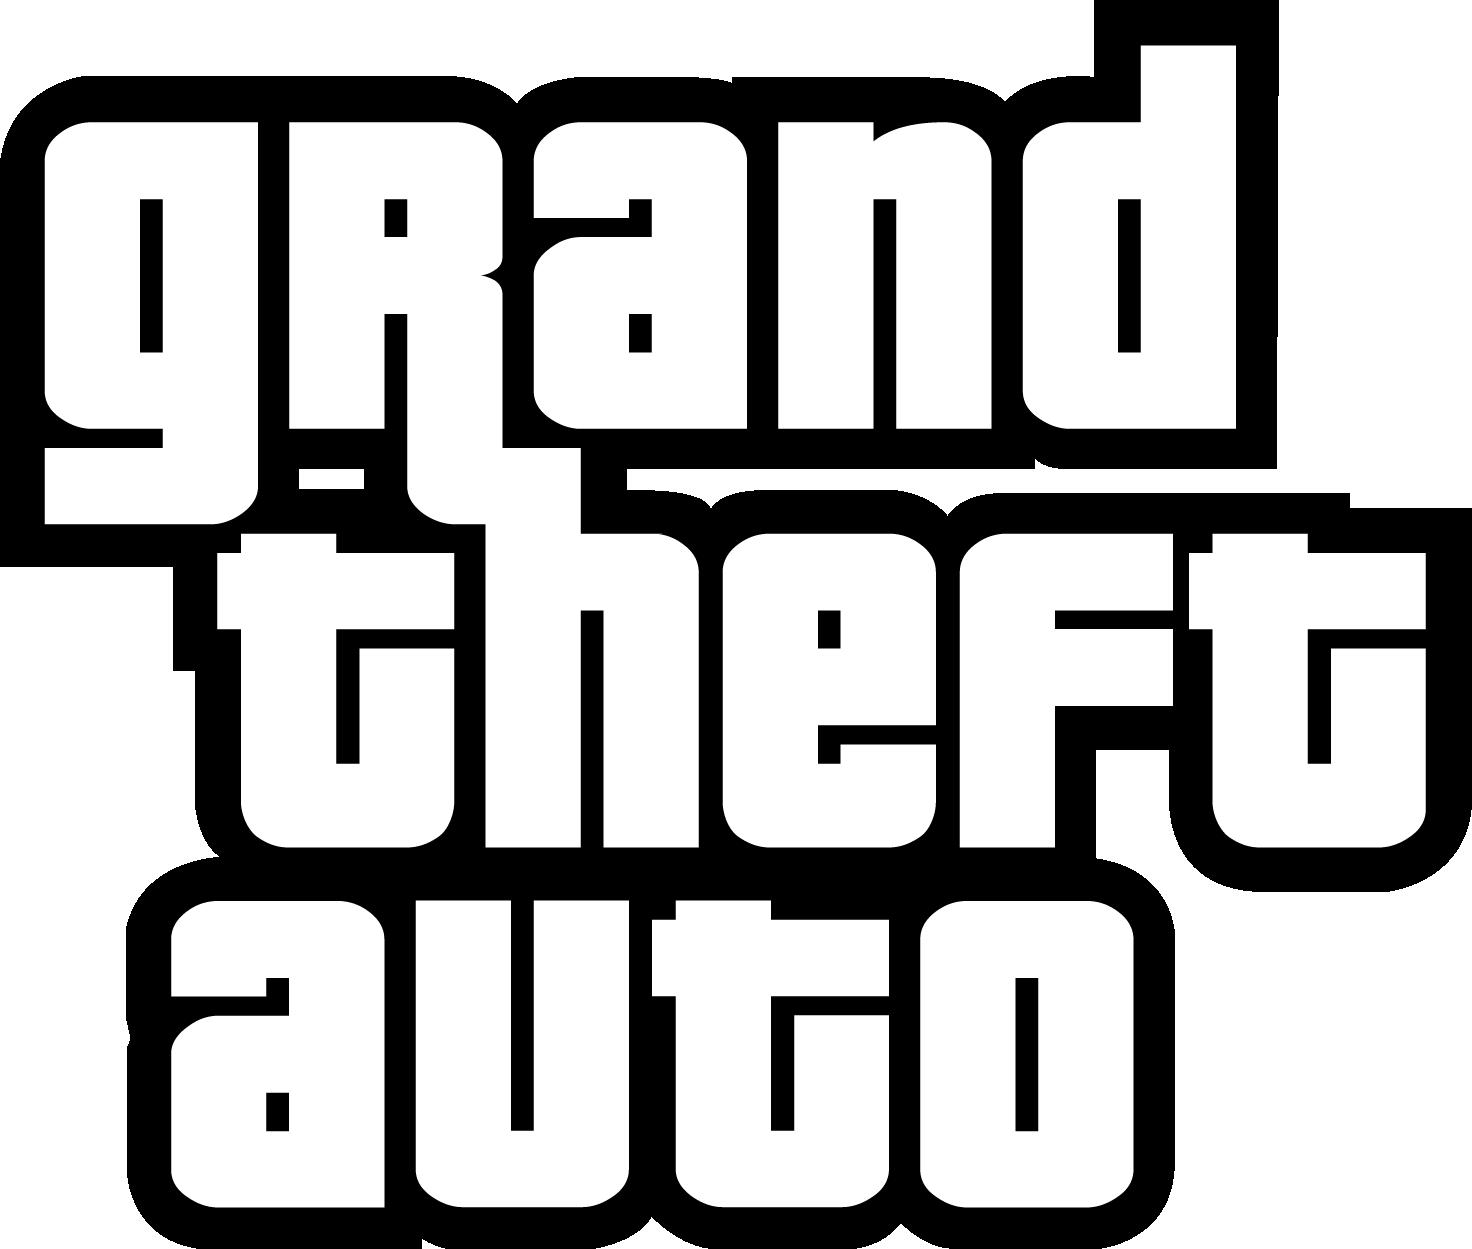 Gta Logo Grand Theft Auto Pdf Png Free Downloads Logo Brand Emblems Grand Theft Auto Vinyl For Cars Car Logos